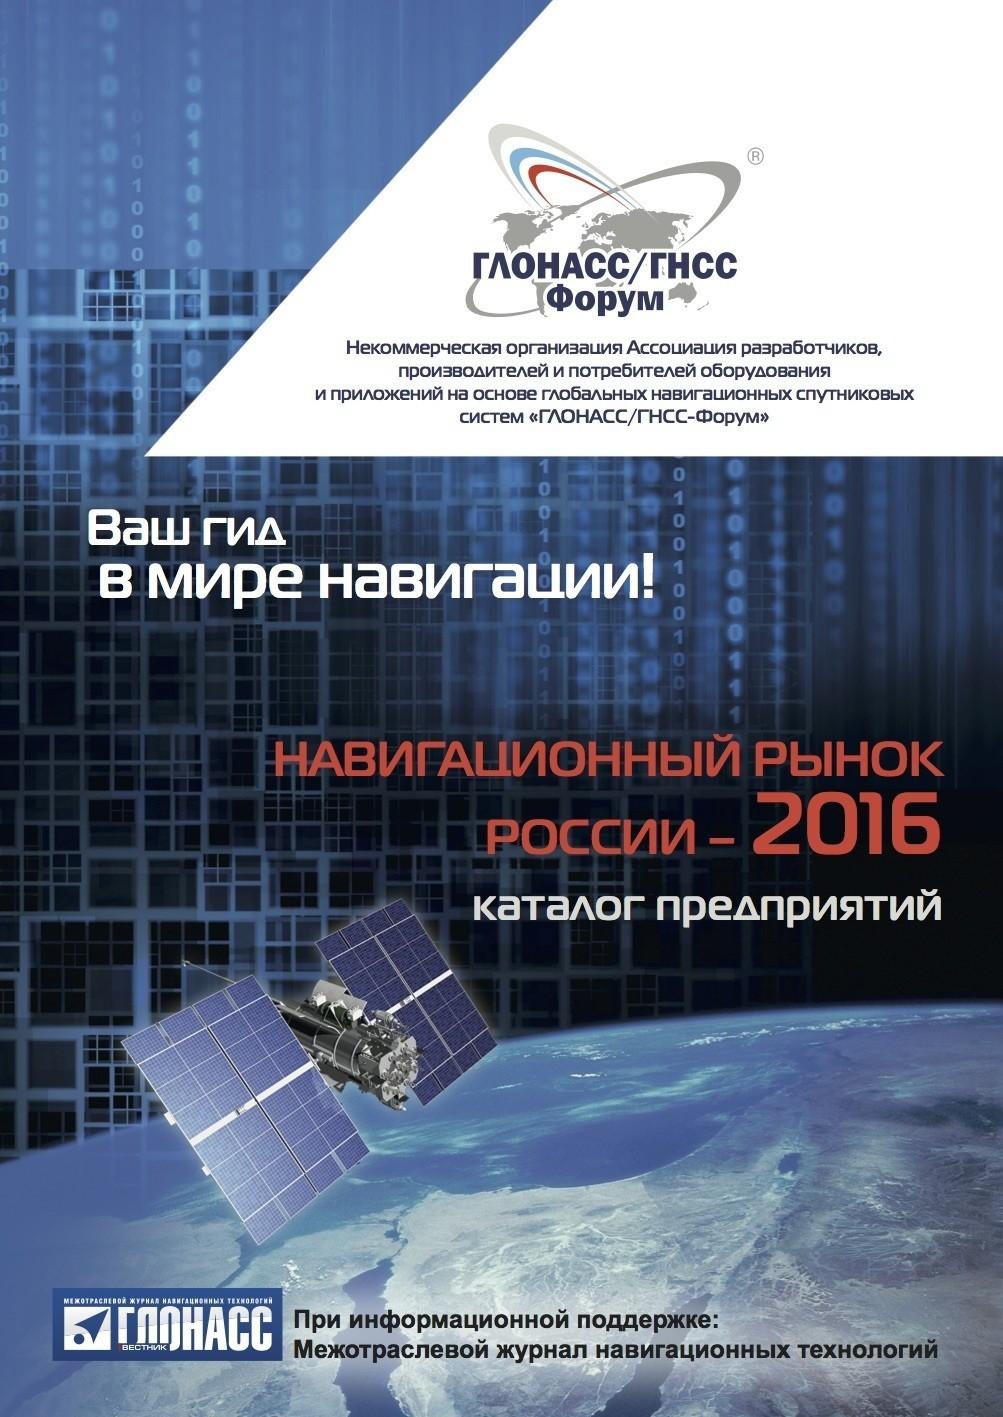 Навигационный рынок России. Каталог предприятий 2016.